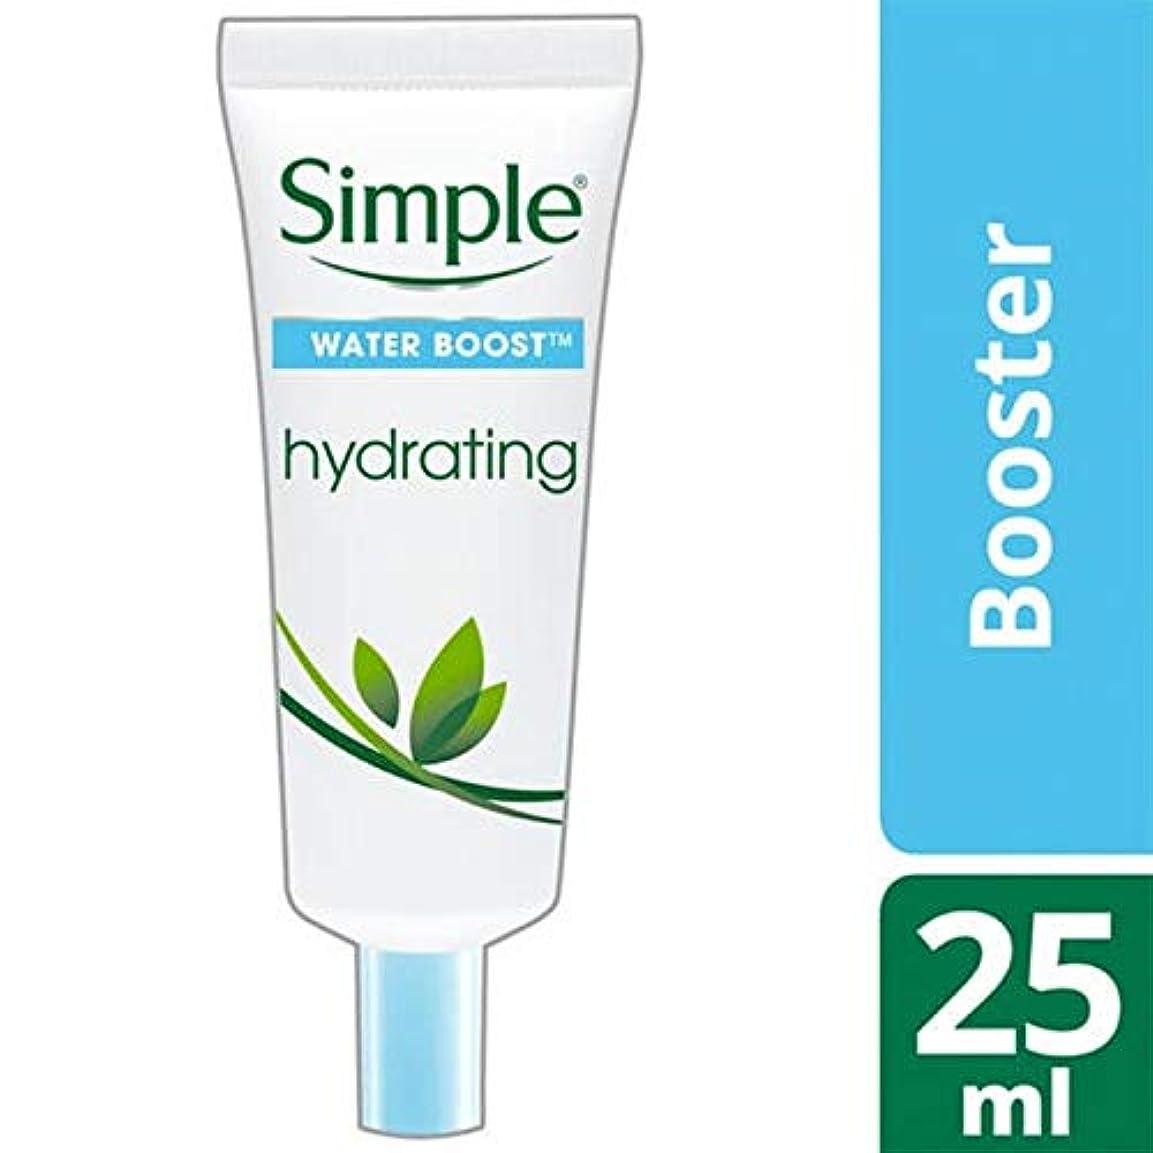 ちょうつがい計画事故[Simple ] シンプルな水ブースト水和ブースター25ミリリットル - Simple Water Boost Hydrating Booster 25ml [並行輸入品]